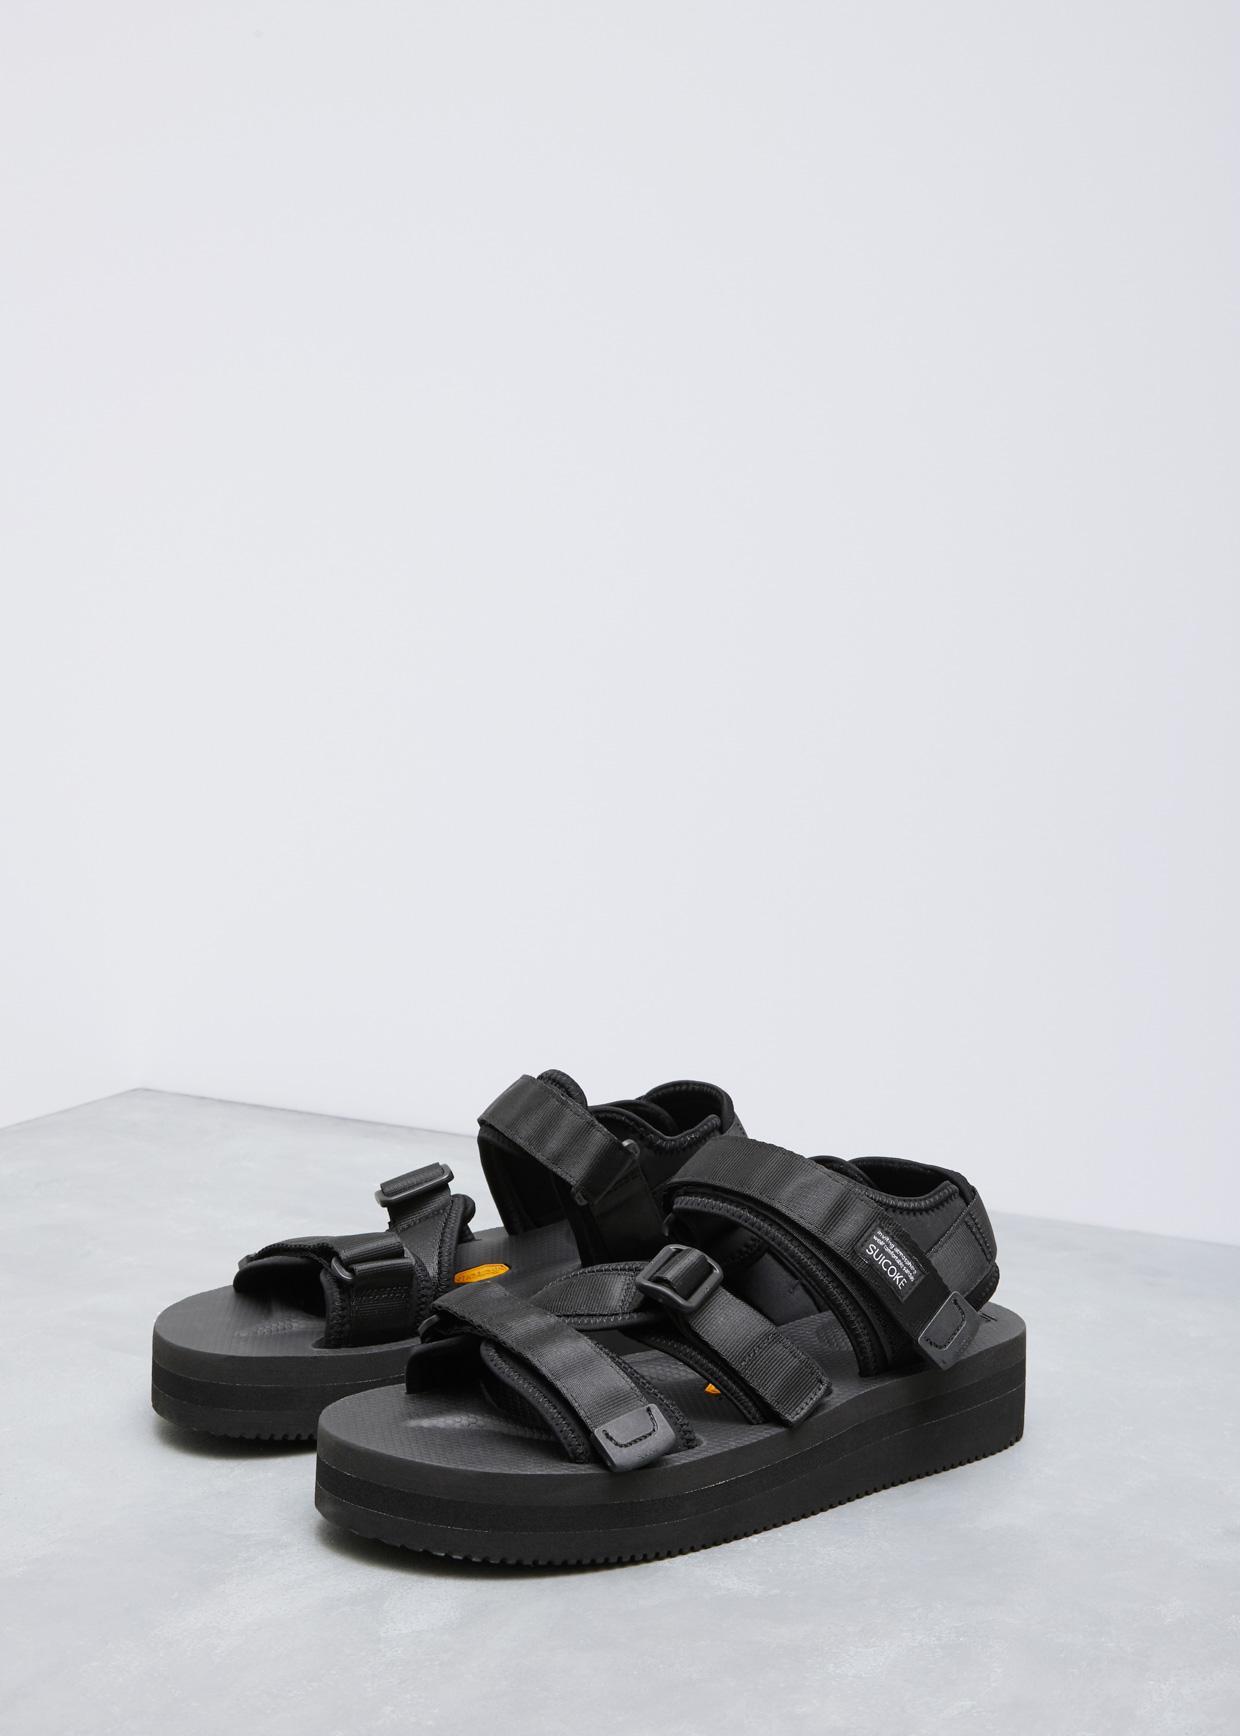 d3af48c23bc Lyst - Suicoke Kisee-vpo in Black for Men